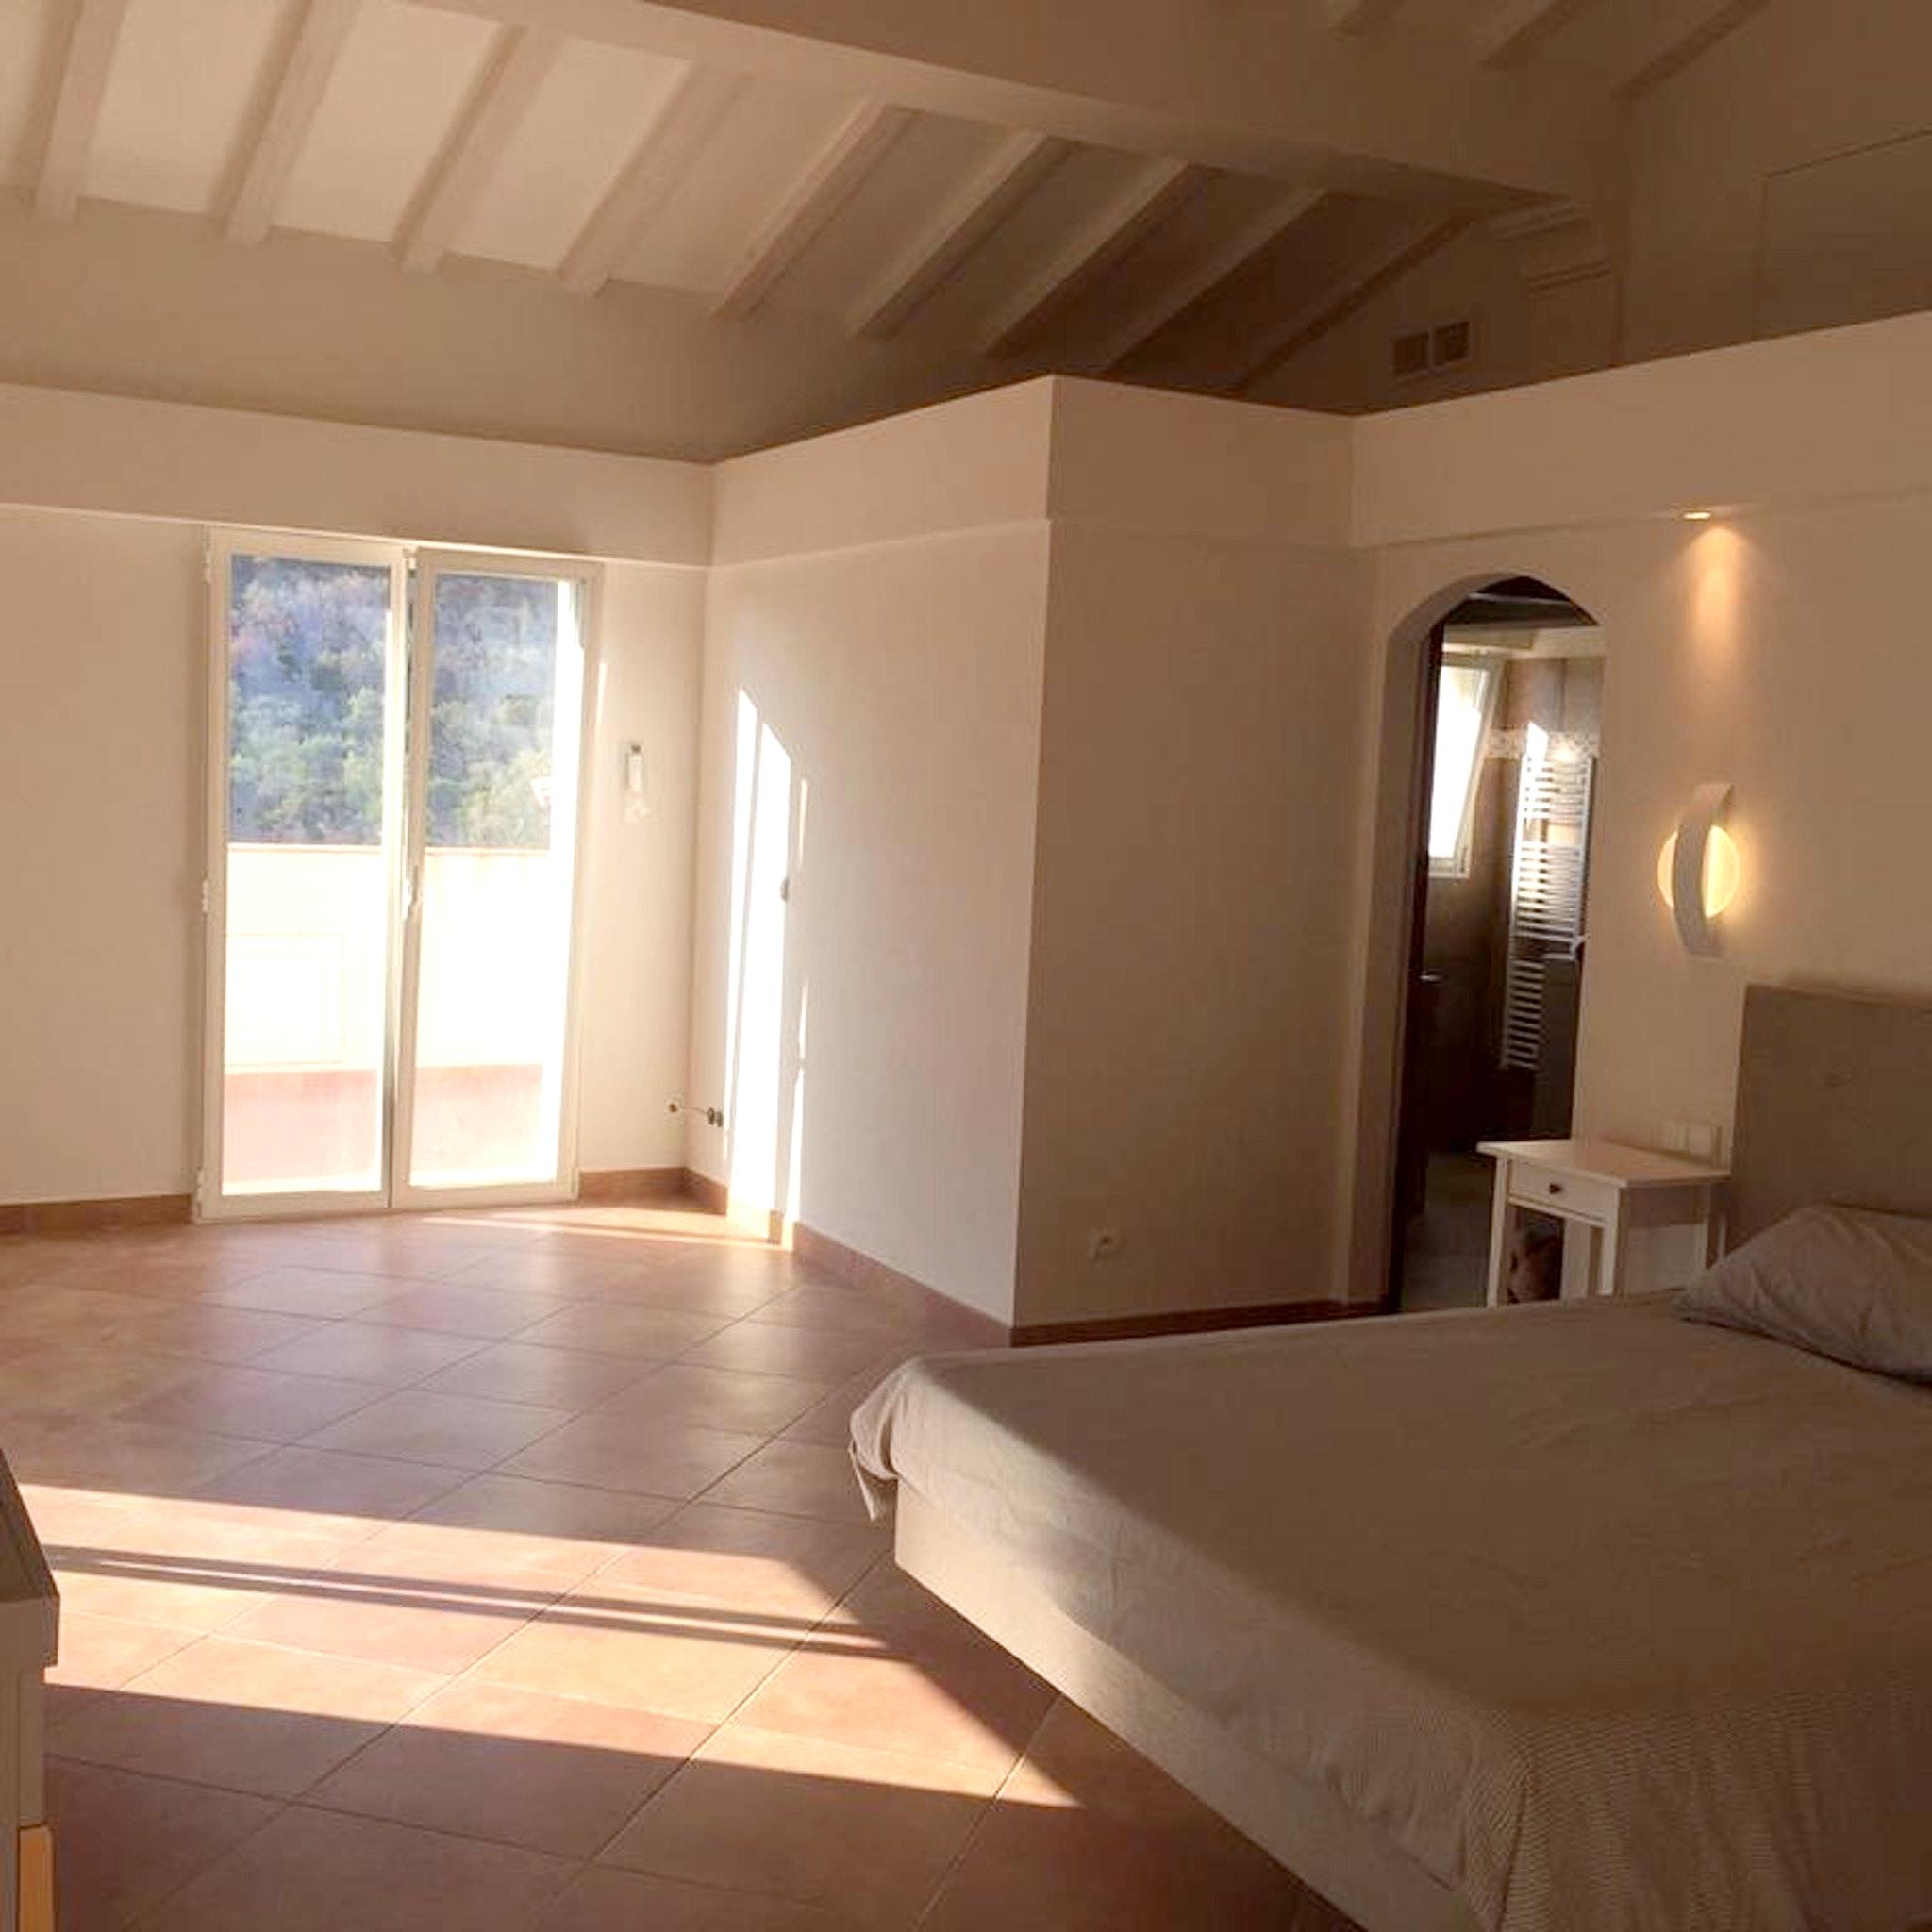 Maison de vacances Villa mit 5 Schlafzimmern in Rayol-Canadel-sur-Mer mit toller Aussicht auf die Berge, priv (2201555), Le Lavandou, Côte d'Azur, Provence - Alpes - Côte d'Azur, France, image 16